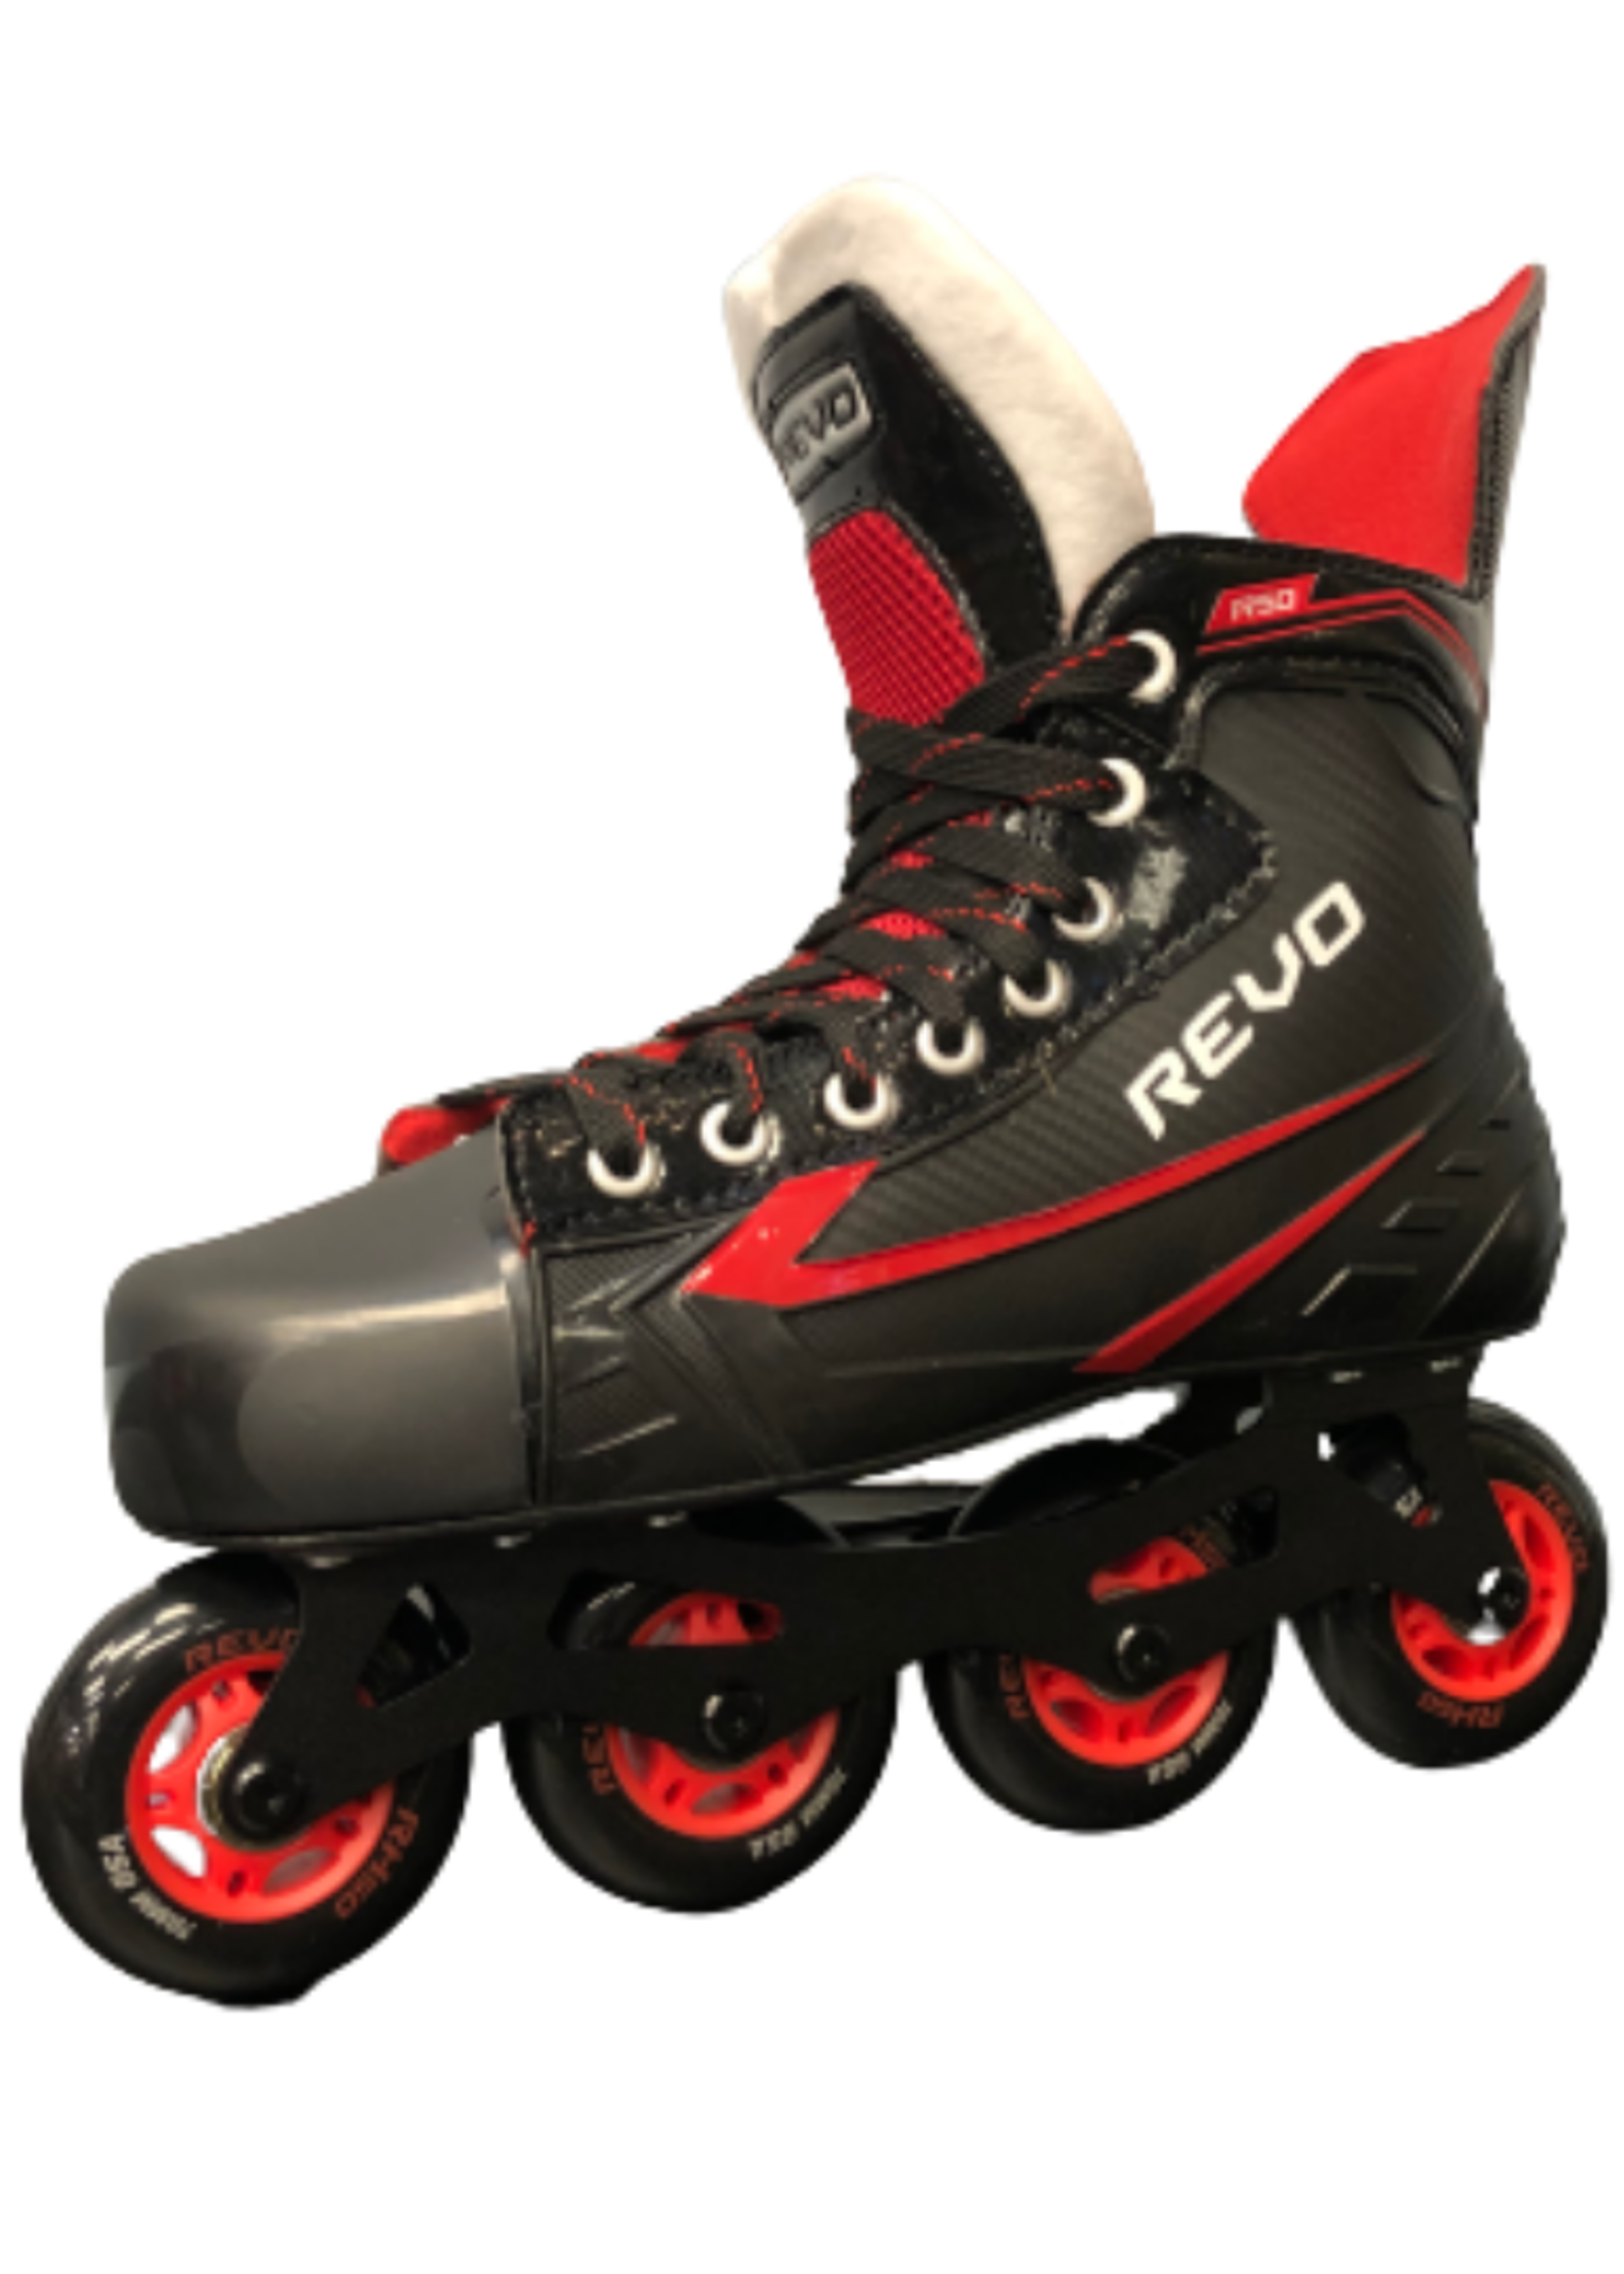 Revo RH50 Sr Inline Hockey Skates